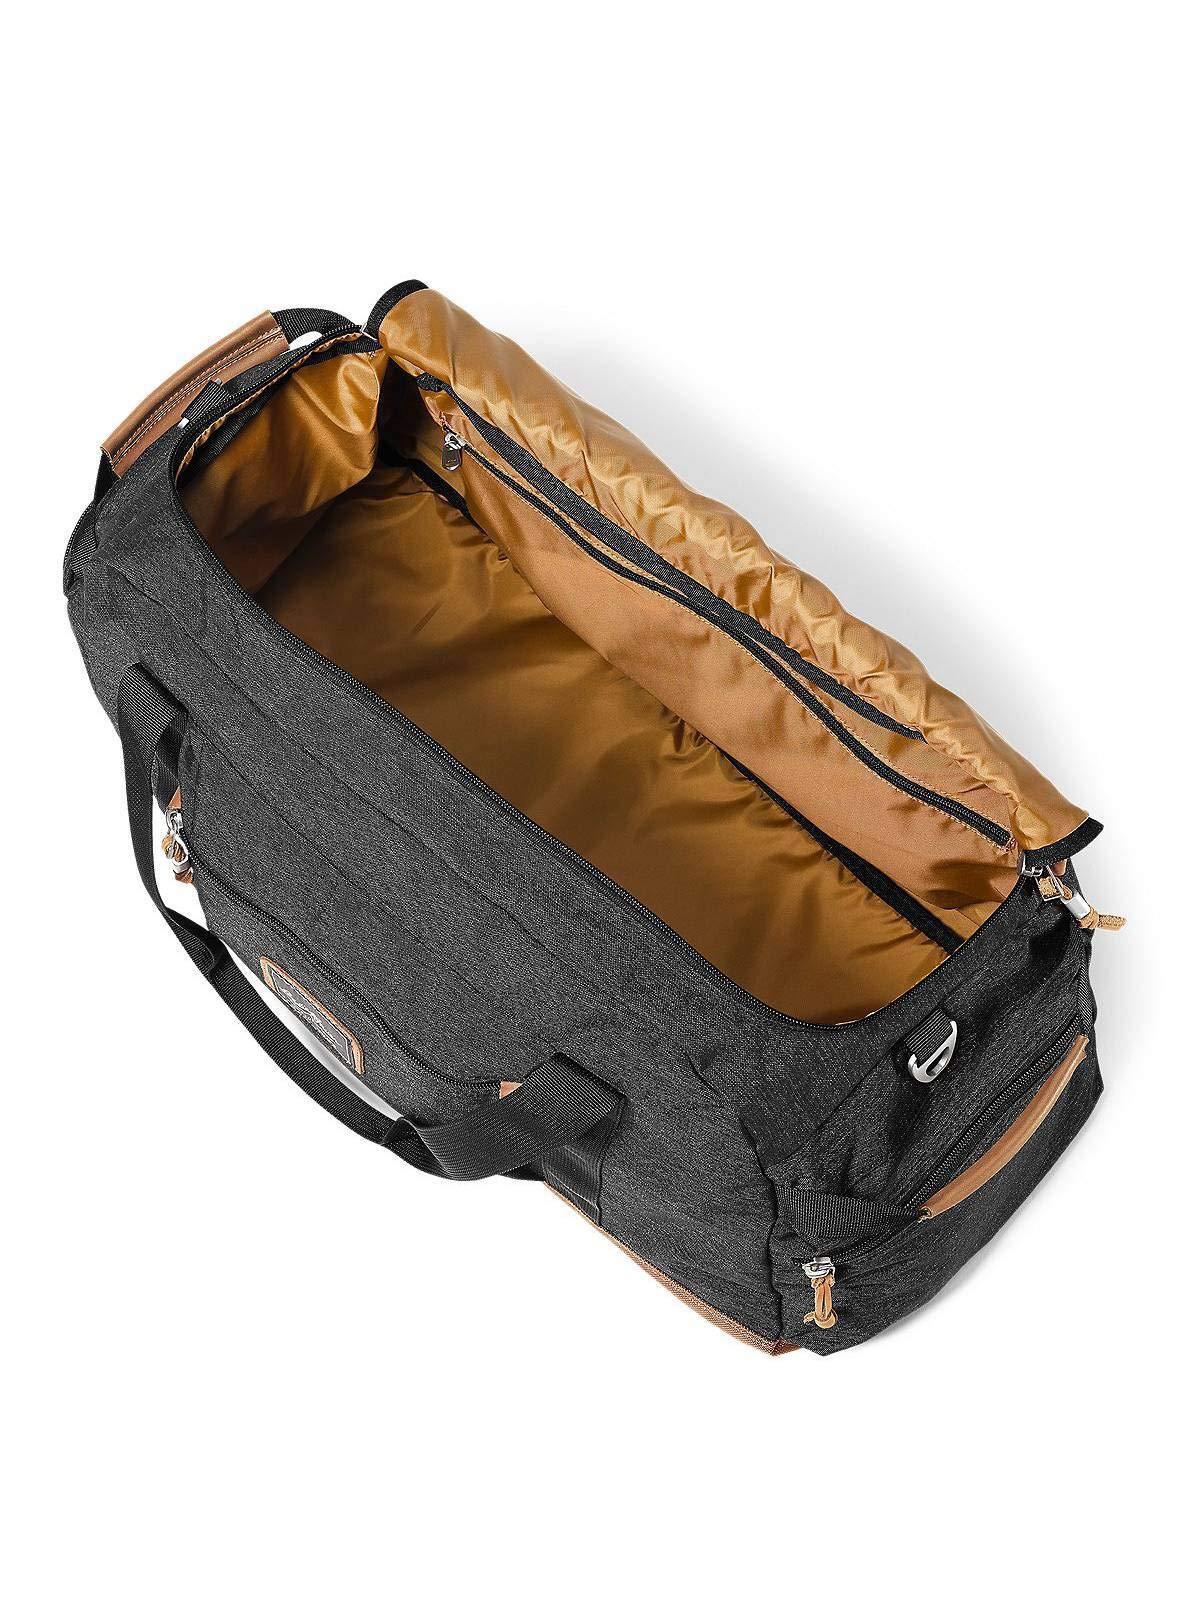 Amazon.com  Eddie Bauer  Duffels   Luggage 1b9aeb8669f6d